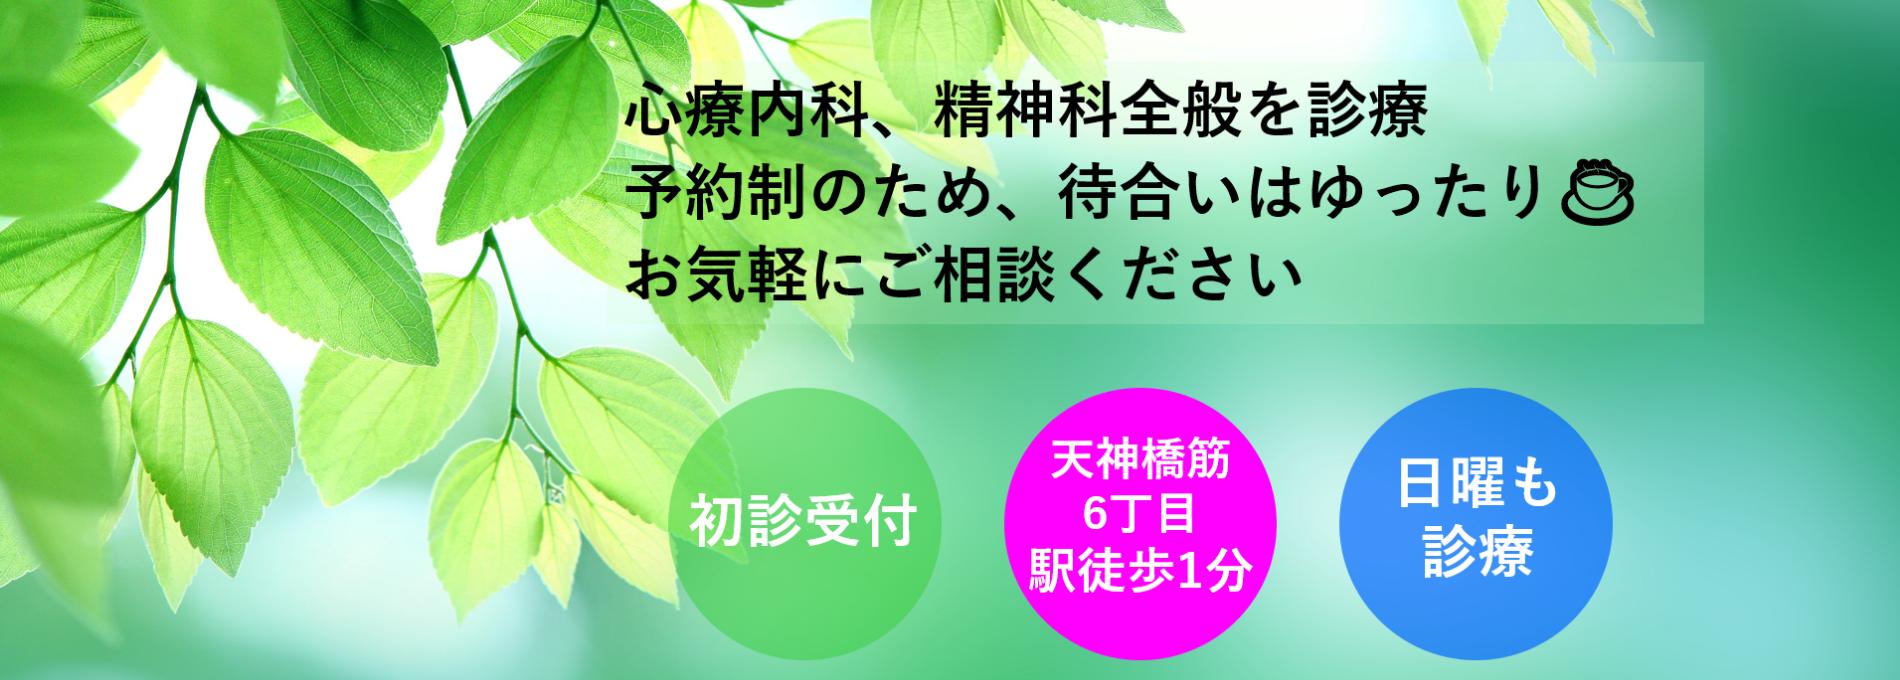 大阪市北区の精神科, 心療内科の専門クリニック。天神橋、天満、扇町、南森町、北浜、梅田、淡路アクセス良好